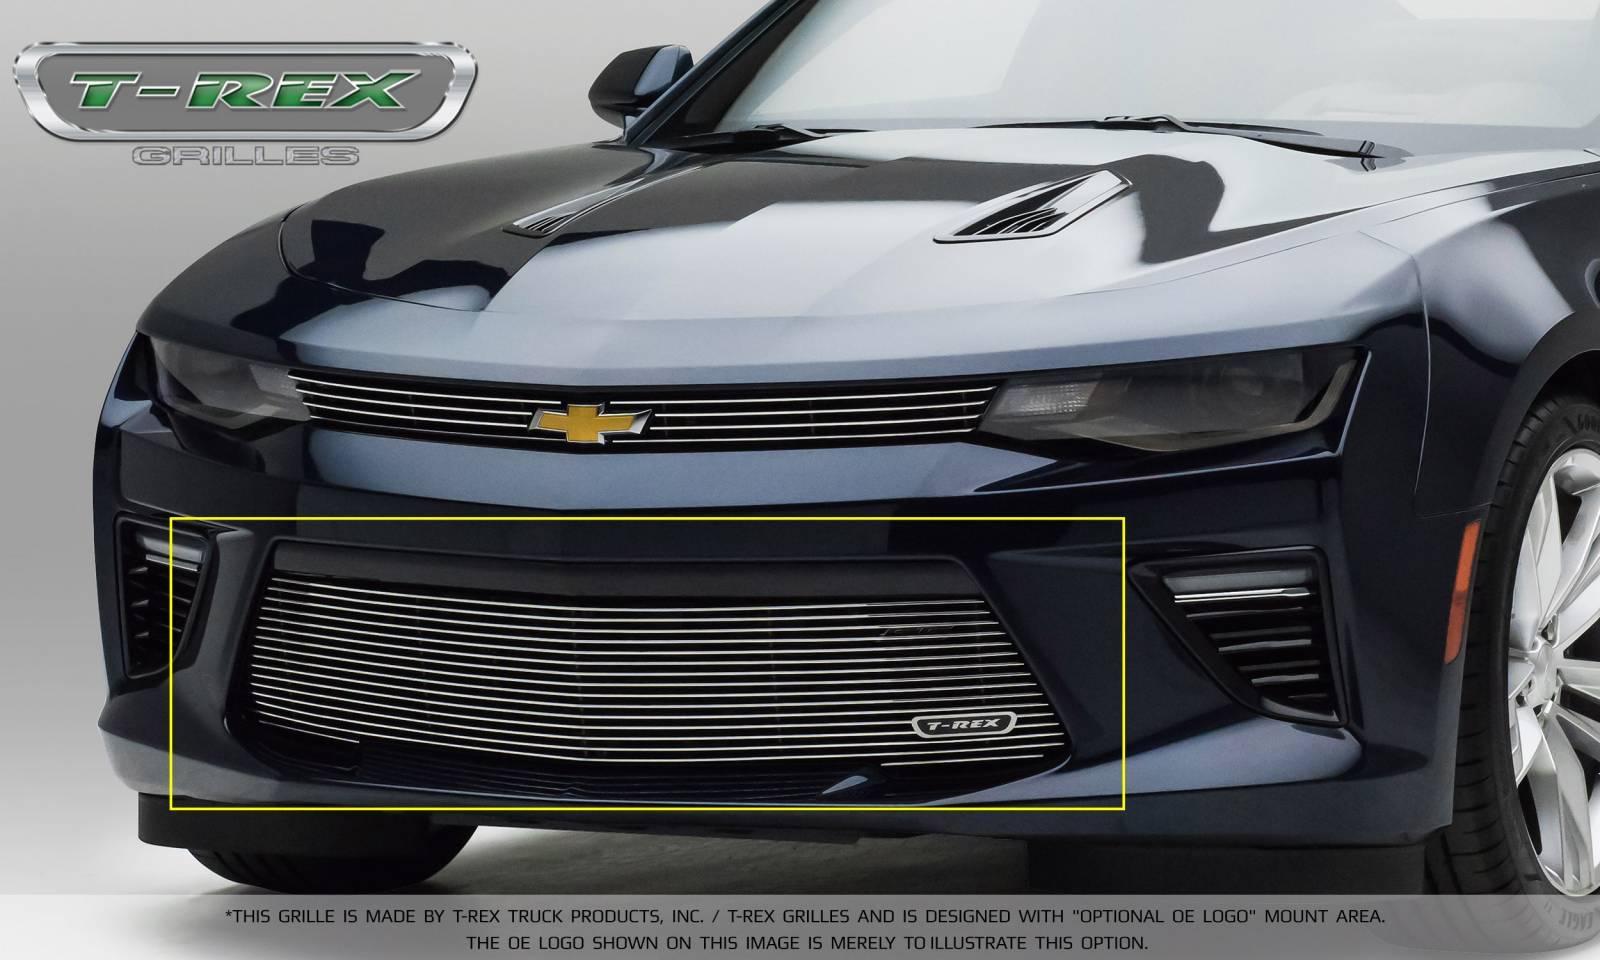 T-REX Chevrolet Camaro V6 Model -  Billet Series - Bumper Grille Overlay with Polished Steel Finish - Pt # 25033